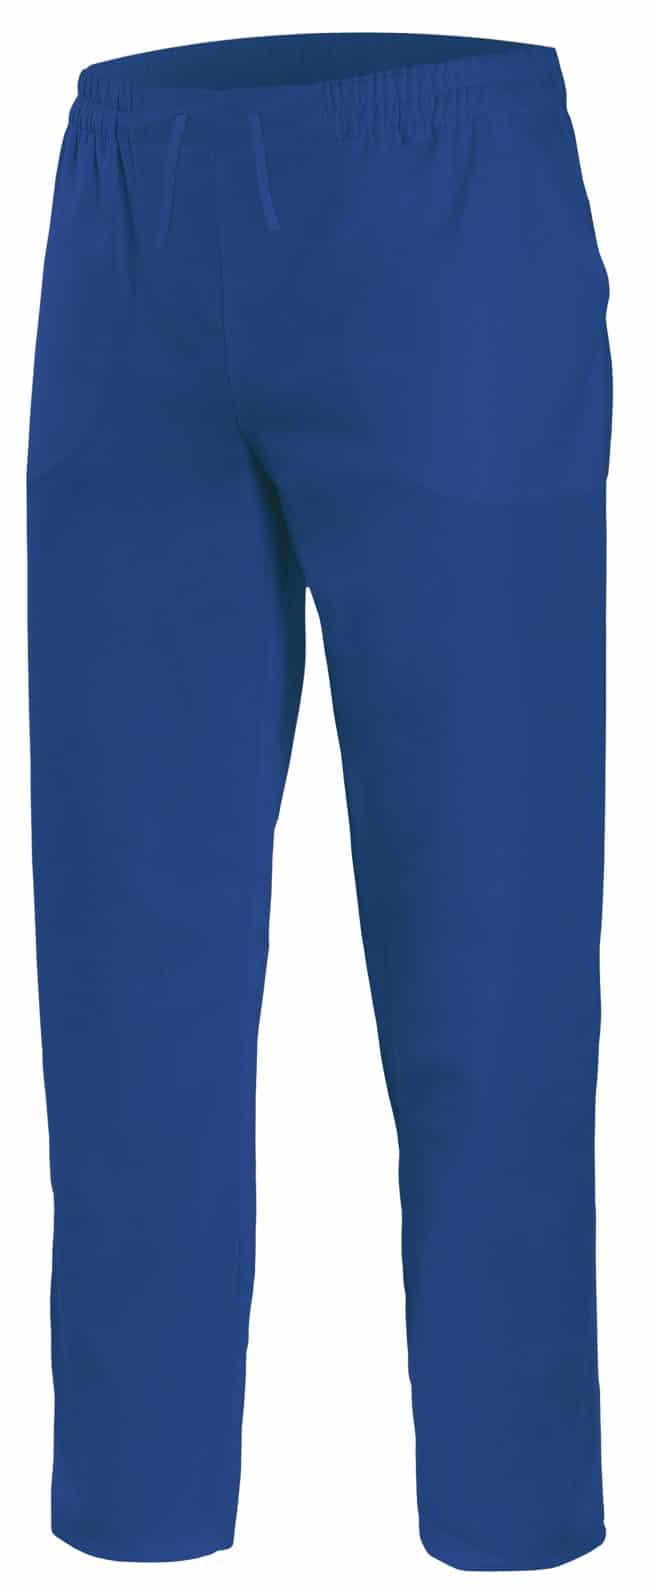 Velilla 533001 PantalÓn Pijama Con Cintas Azul Ultramar